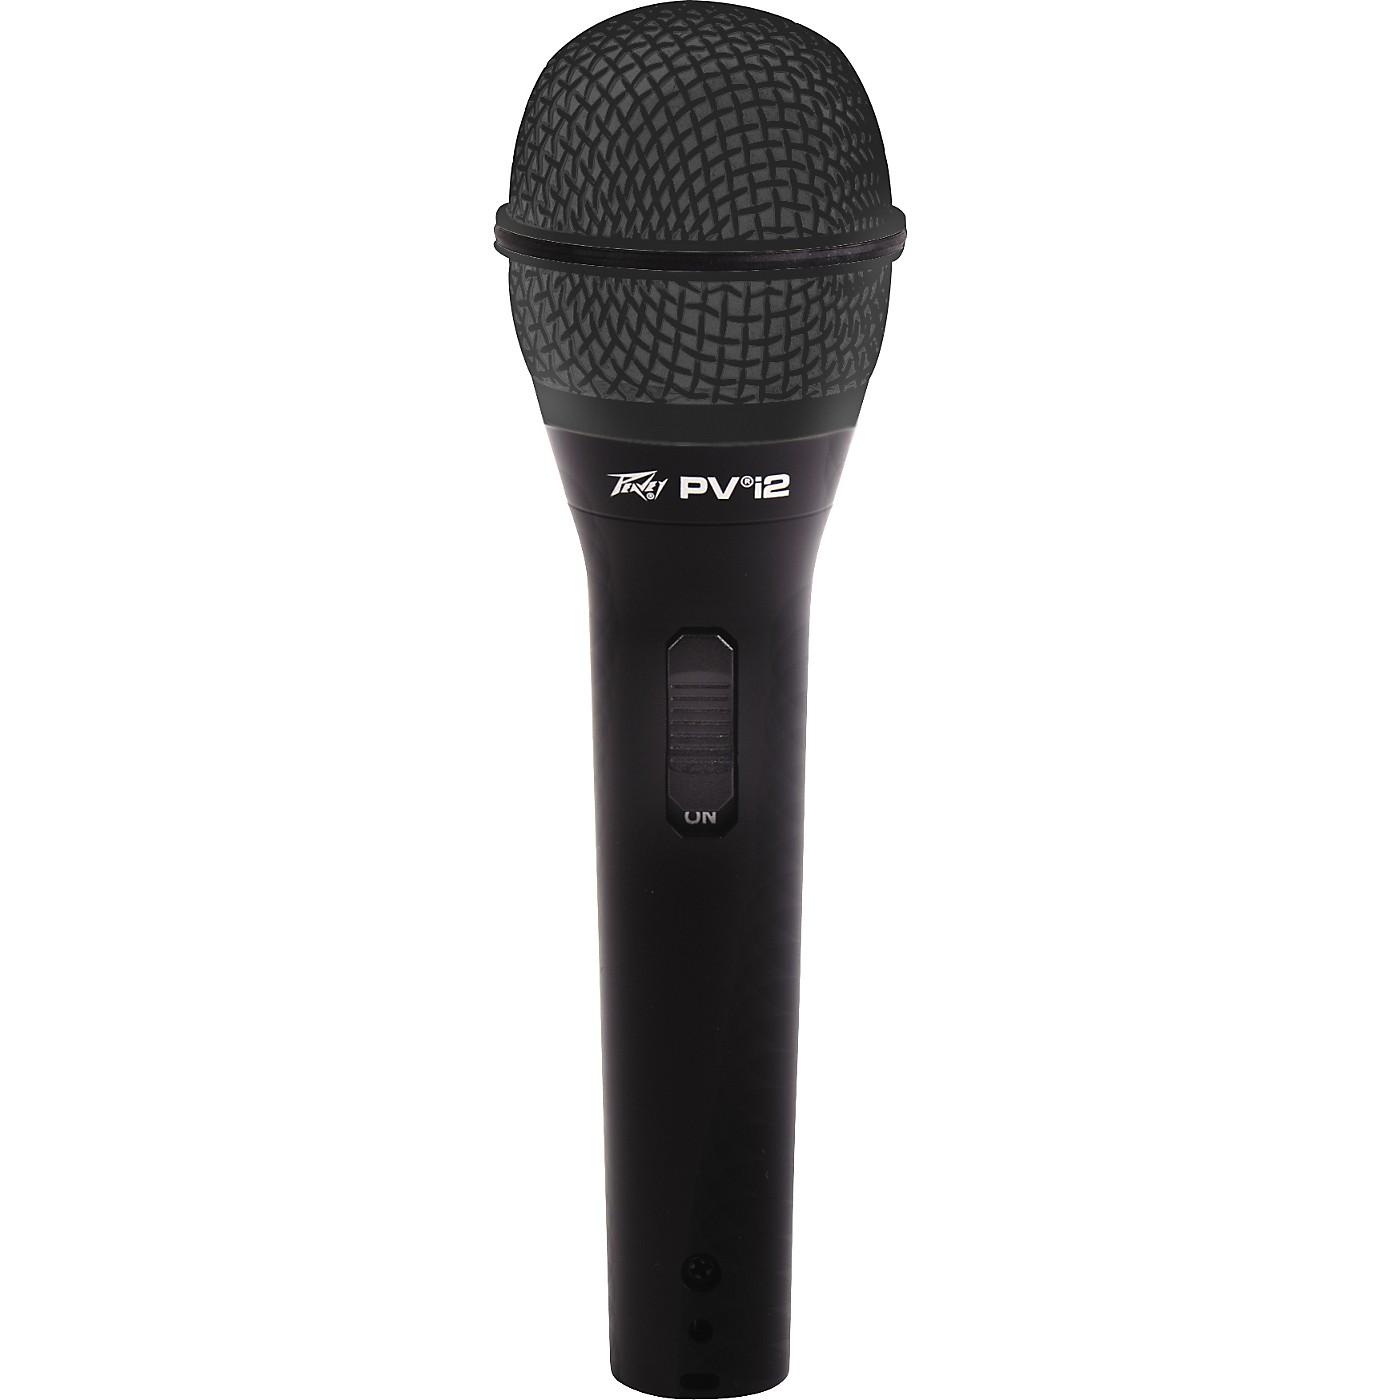 Peavey PVi 2 Dynamic Microphone thumbnail